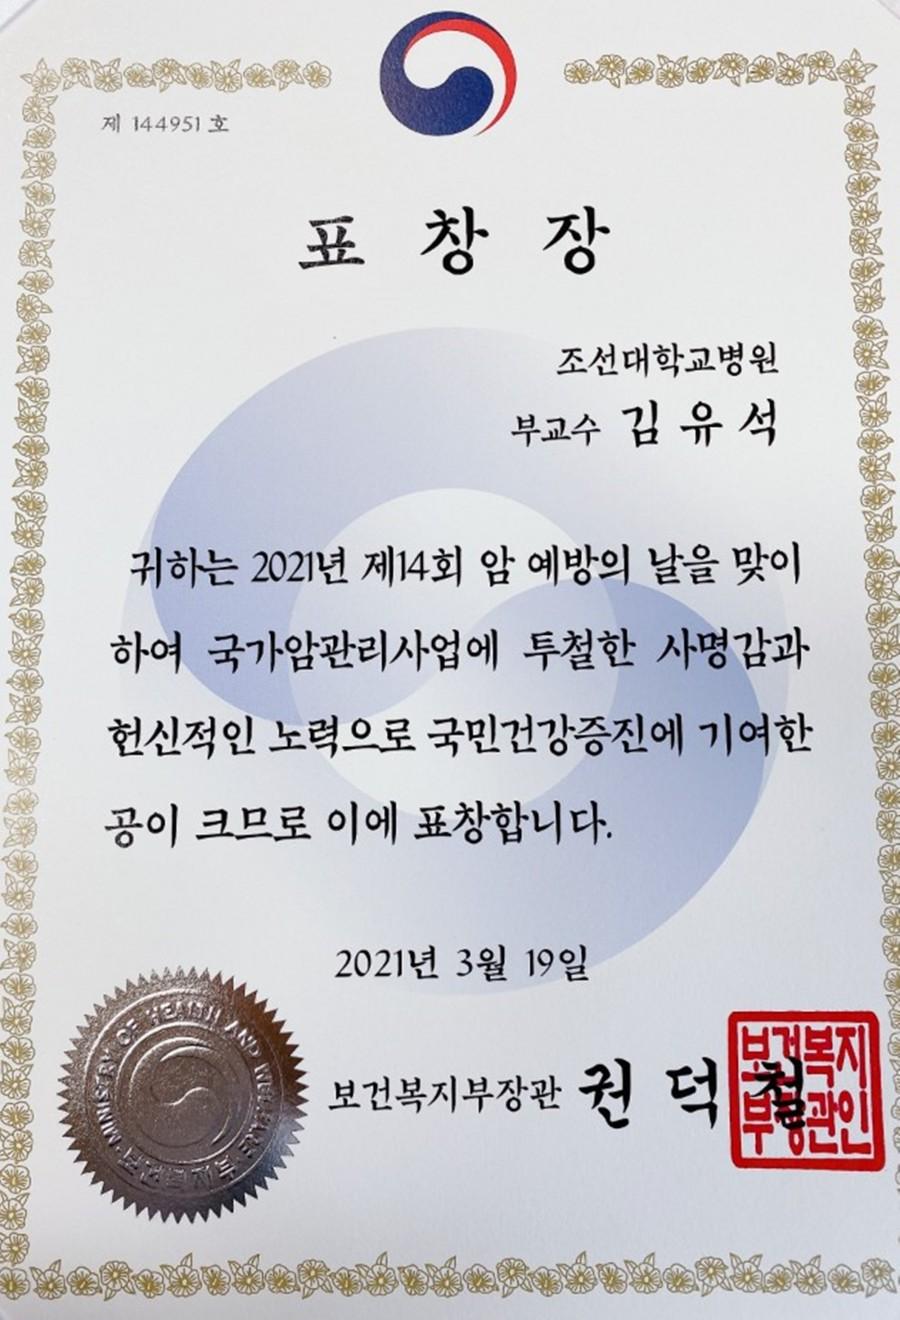 20210319 조선대병원 외과 김유석 교수, 제14회 암 예방의 날 보건복지부장관 표창 수상2.jpg